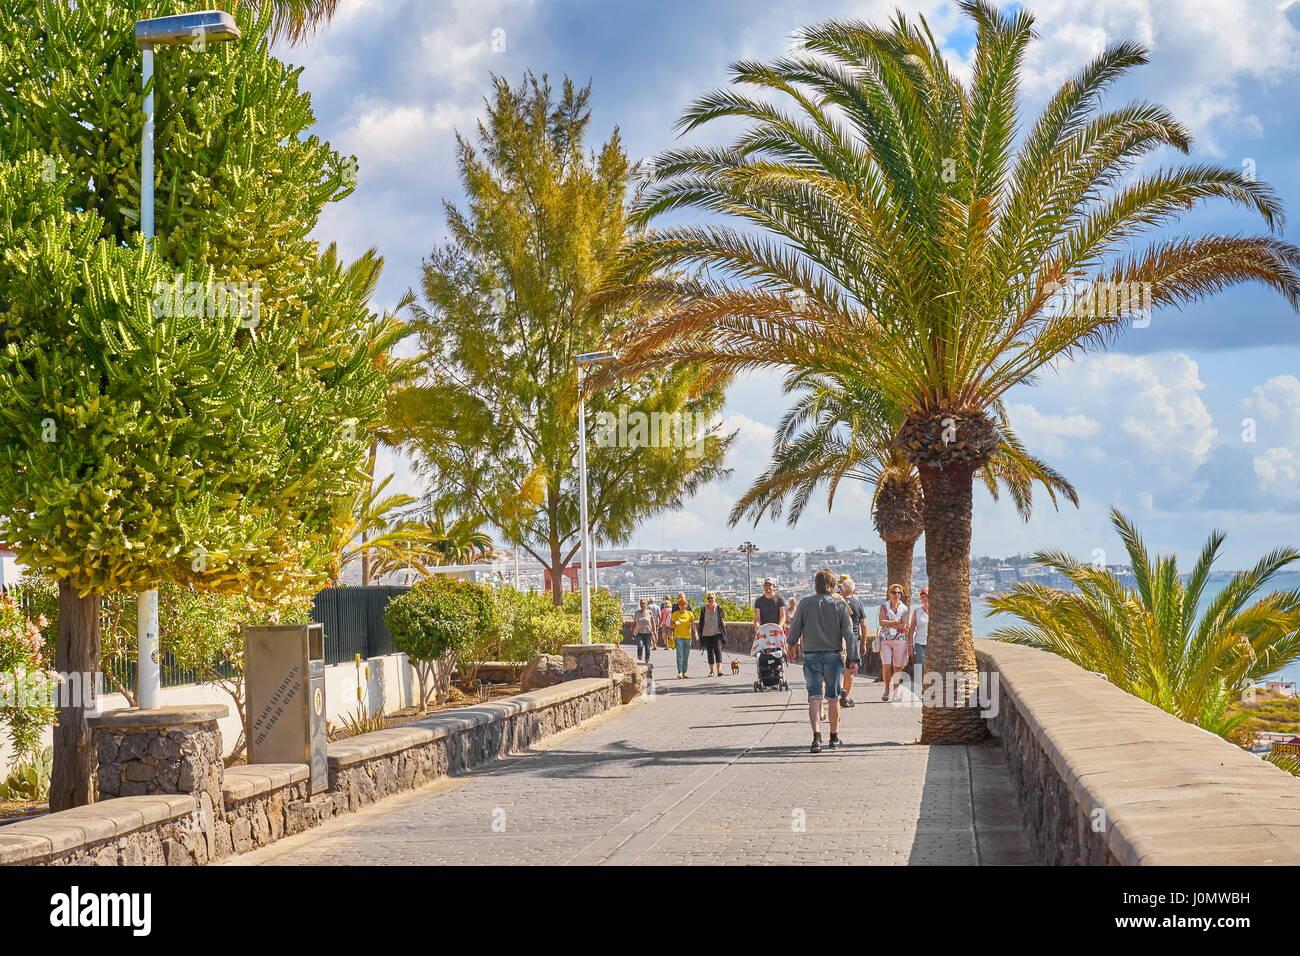 Playa de Ingles Promenade, Gran Canaria, Spain - Stock Image